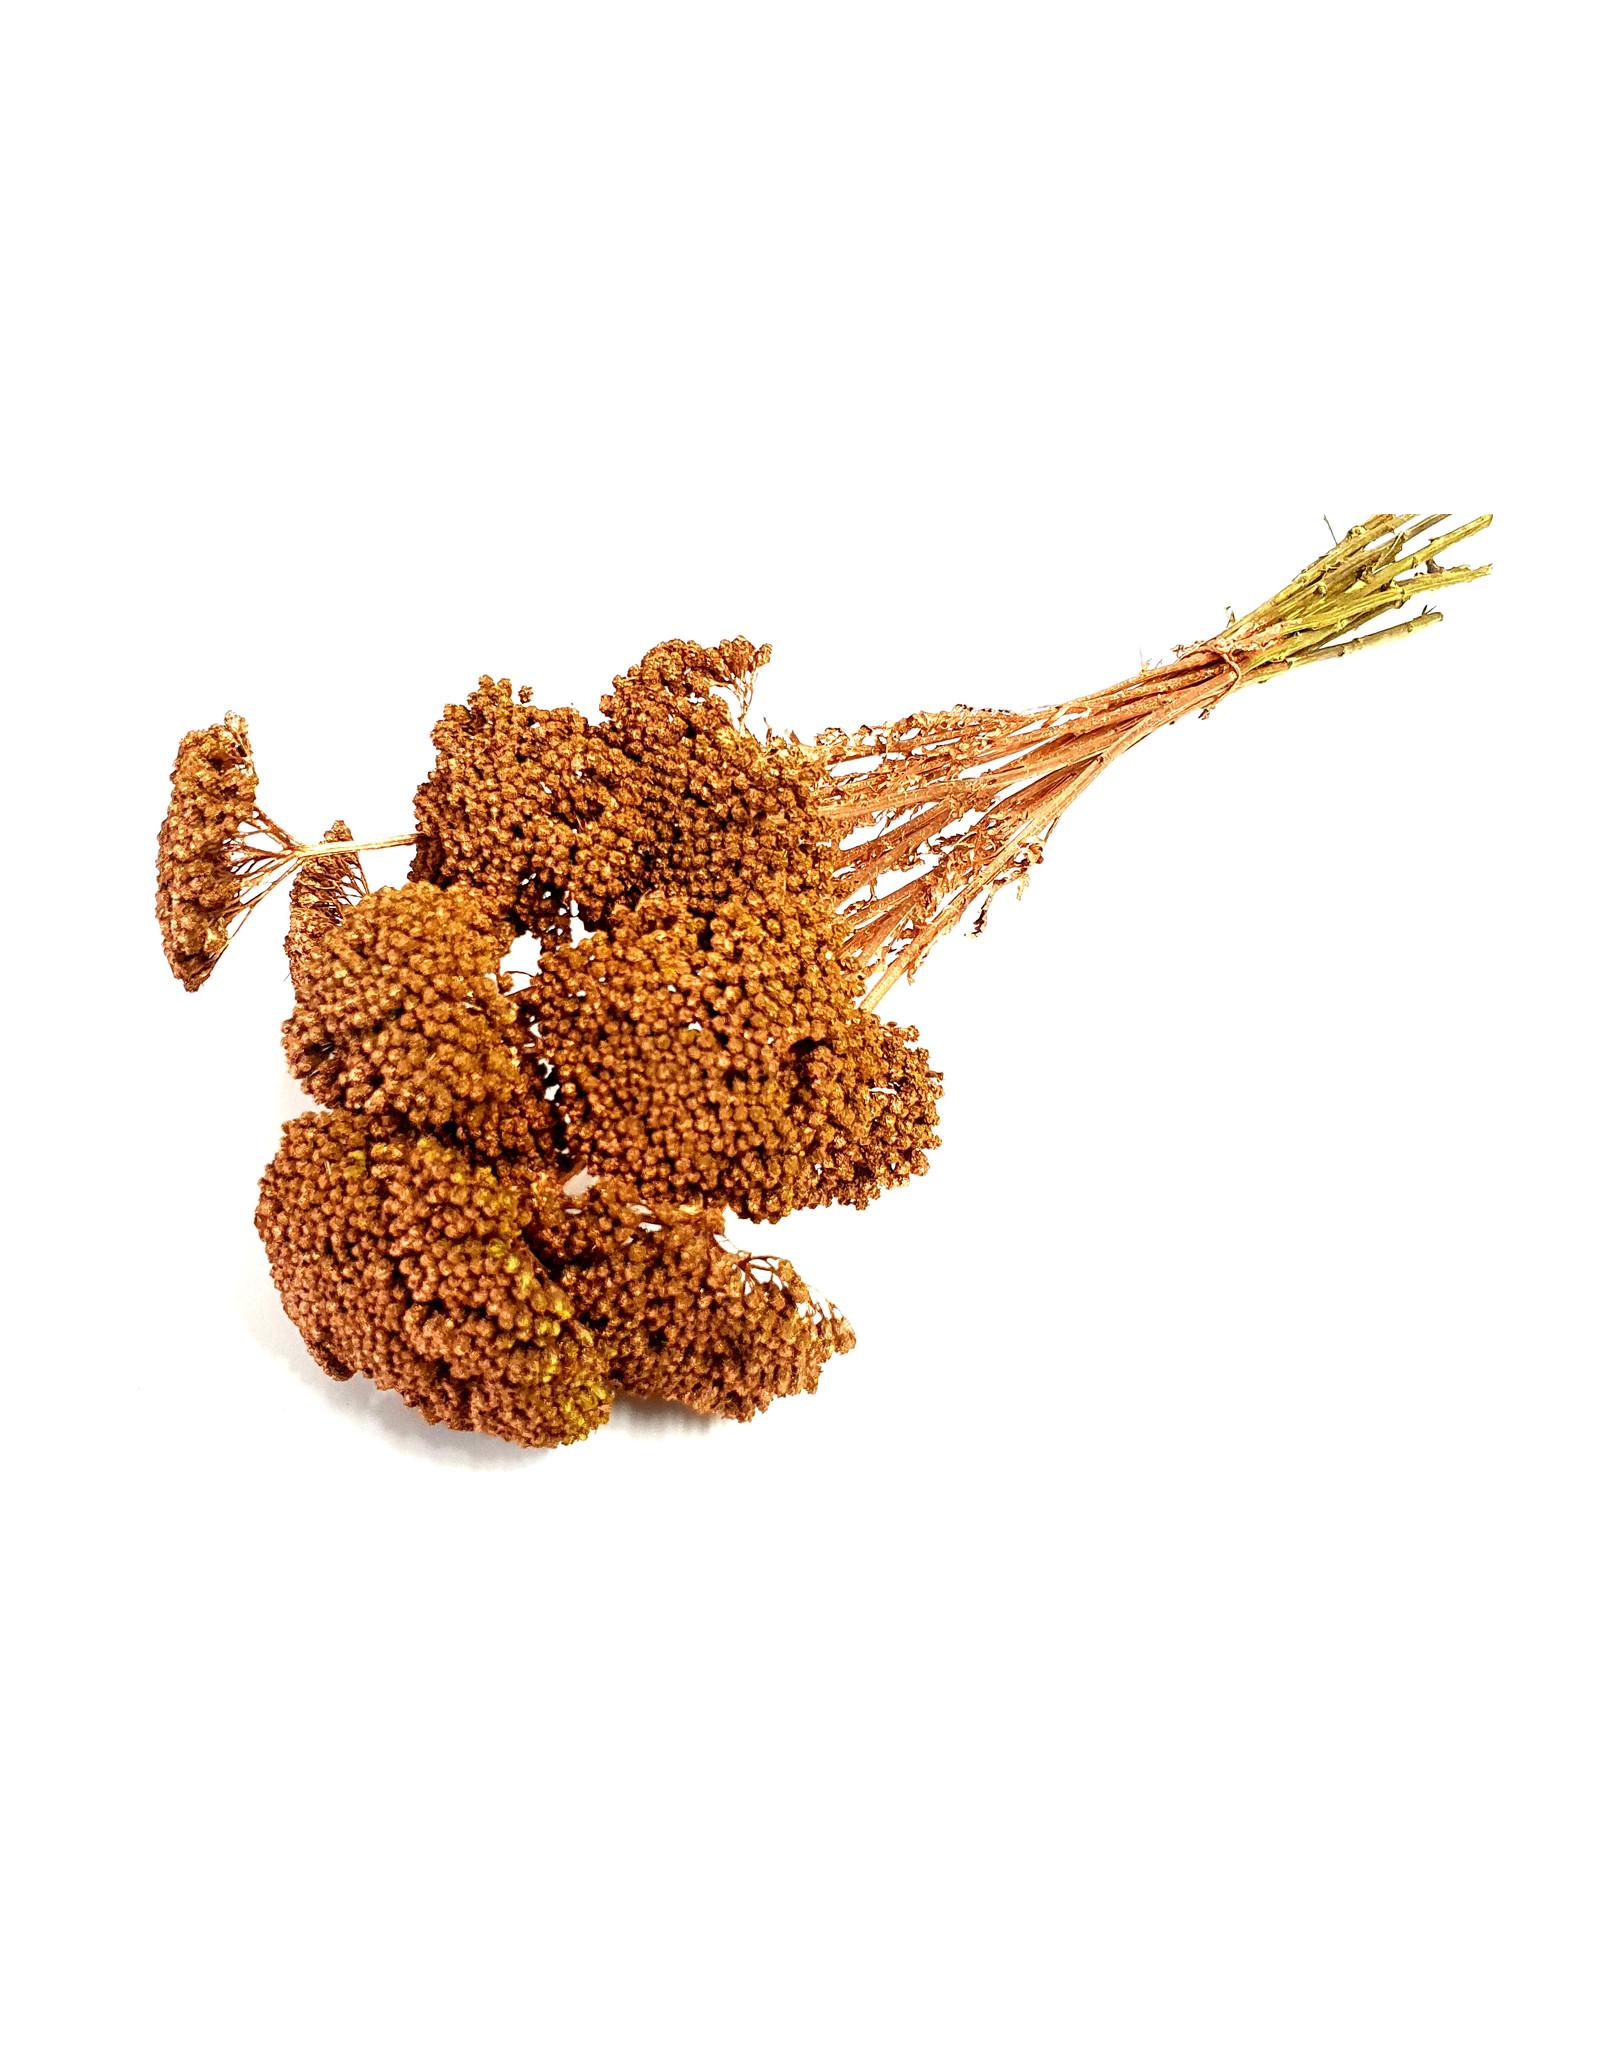 Achillea per stem Copper x 100